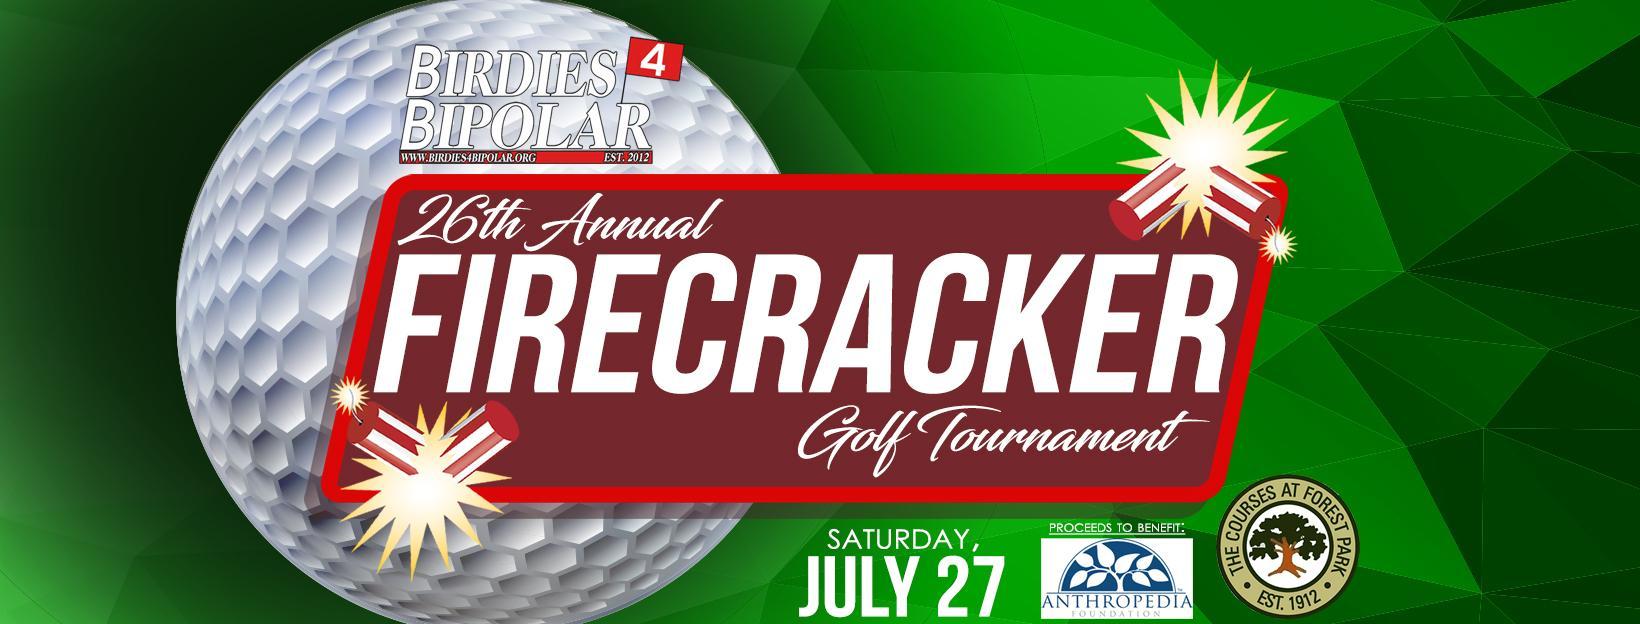 2019 Firecracker Golf Tournament